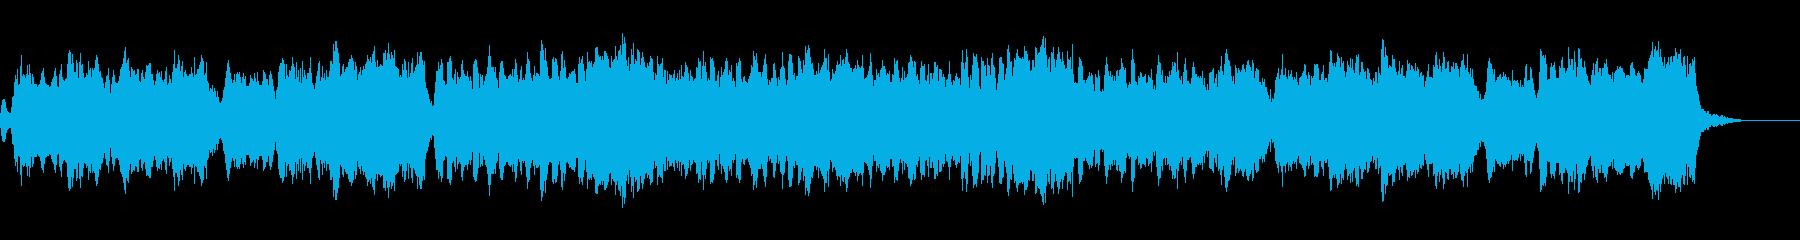 ハリウッド「短くて壮大」オーケストラaの再生済みの波形